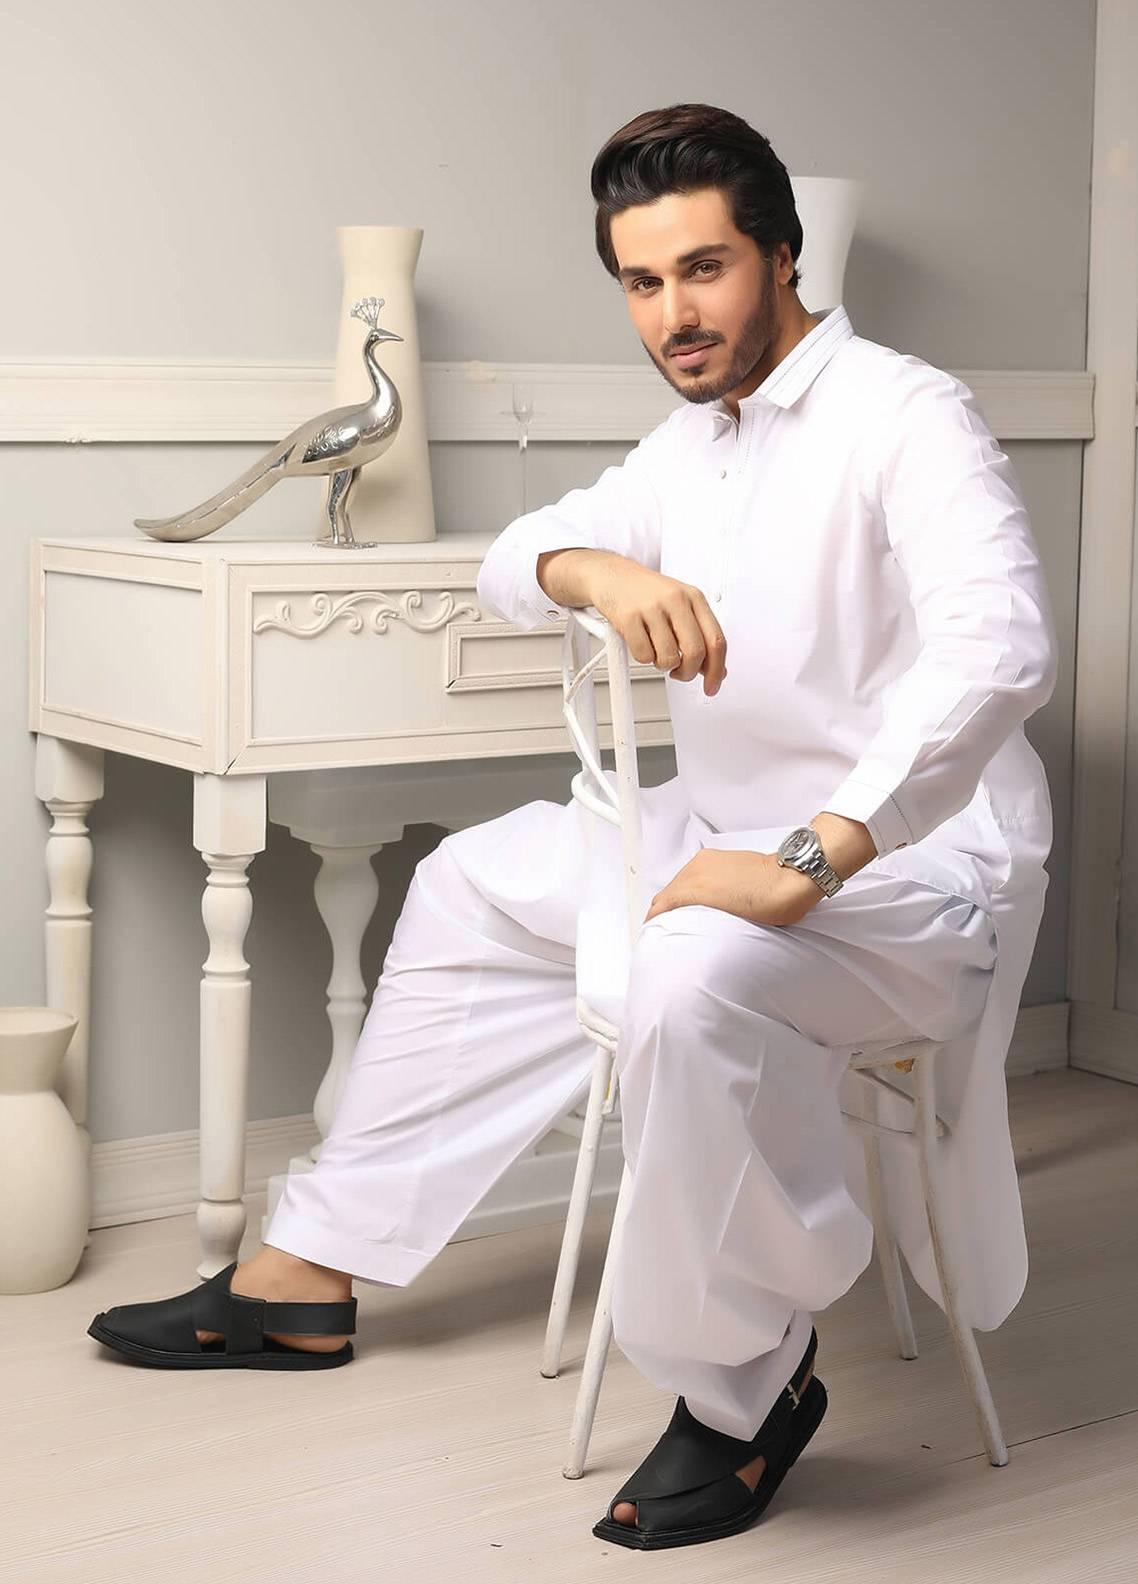 e09a726be7 Safeer by Edenrobe EMUC18-FANTASY Cotton Unstitched Men's Kameez Shalwar  Fabric. Online only